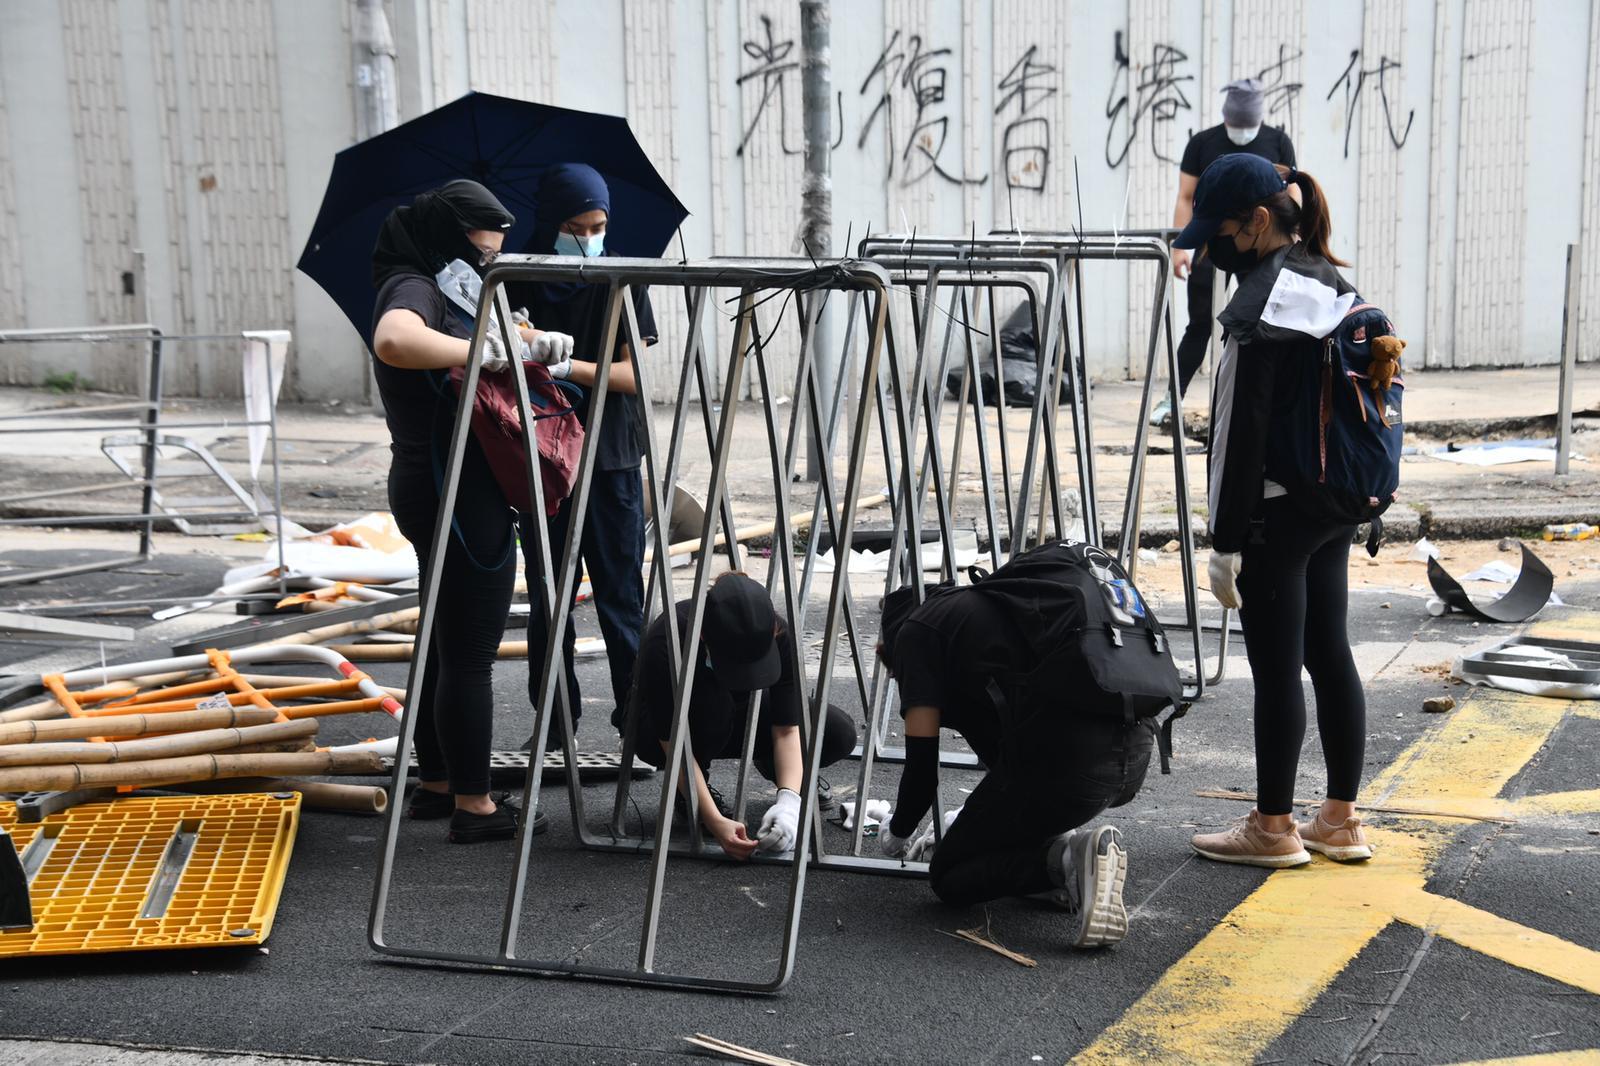 【大三罢】示威者浸大一带堵路 防暴警一度到场与黑衣人对峙